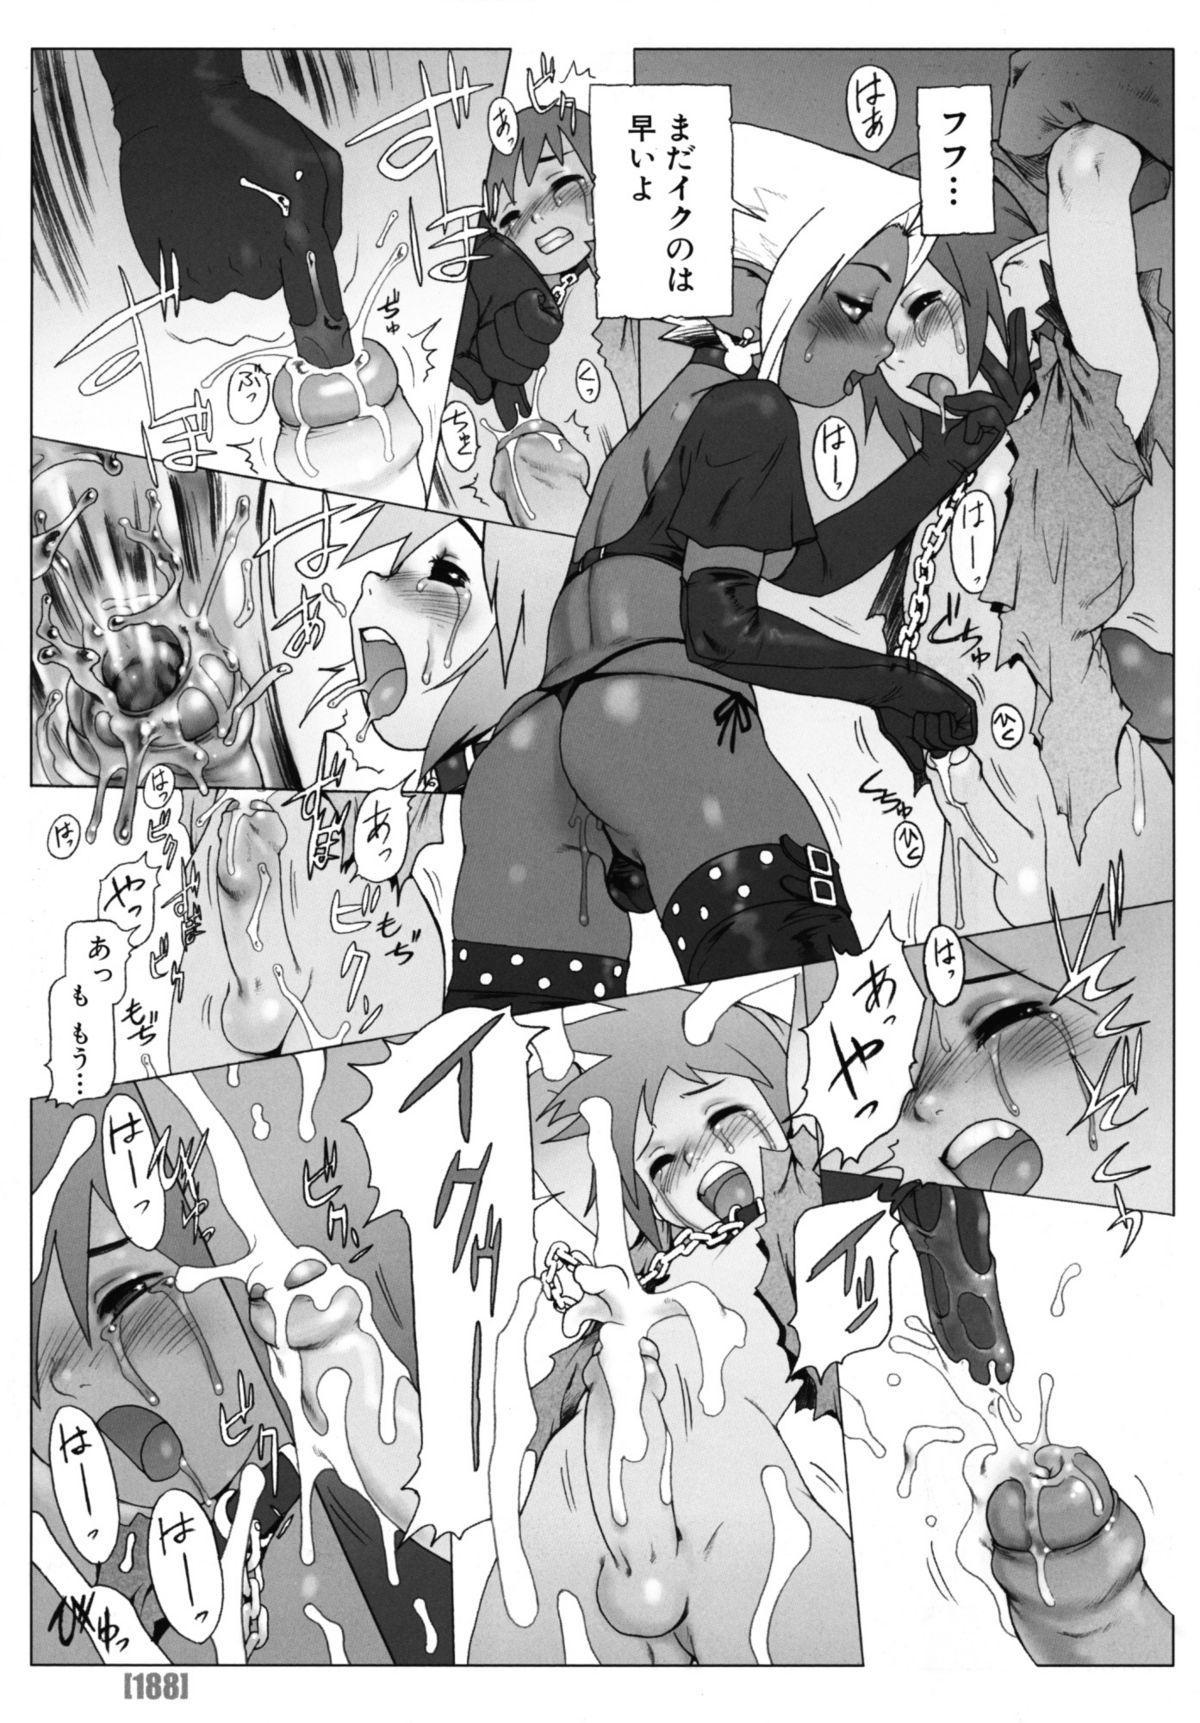 [Po-Ju] PO-JU WORKS - Po-Ju Shota Shougyoushi Zensakuhinshuu 1998-2009 195